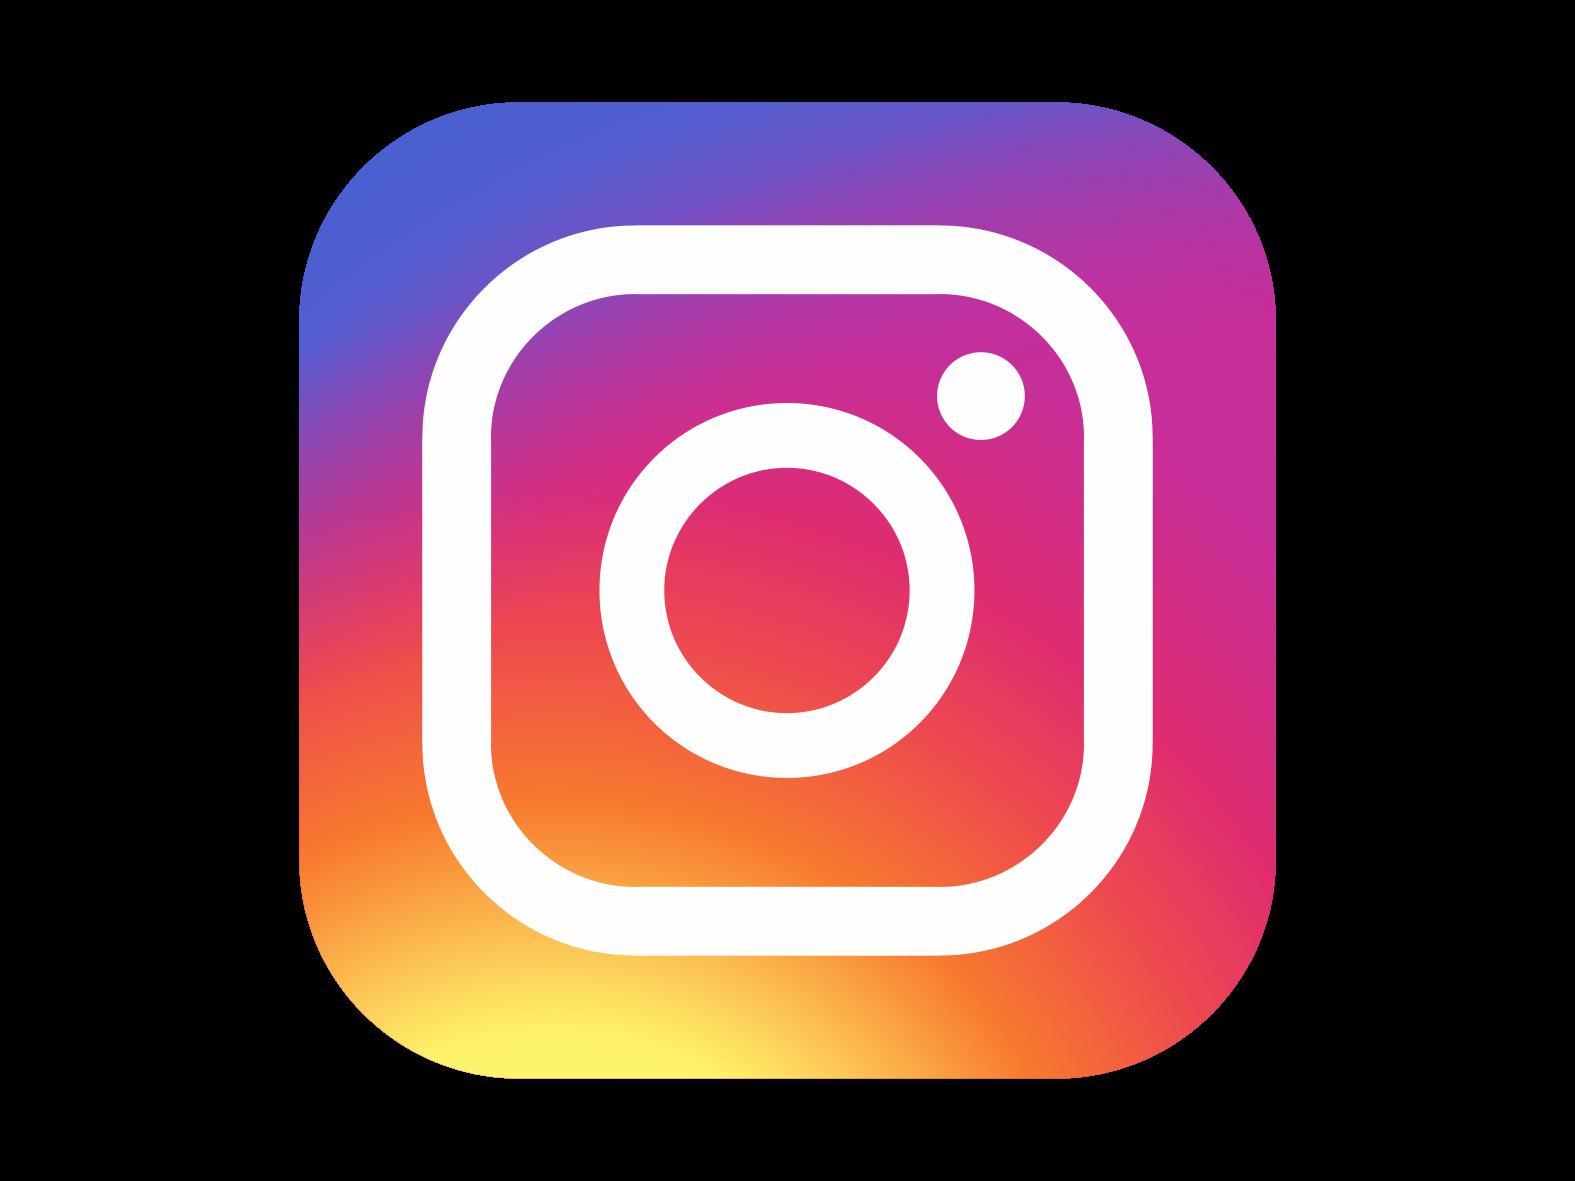 logo instagram vector cdr   png hd gudril logo tempat apple vector logo eps apple logo vector ai